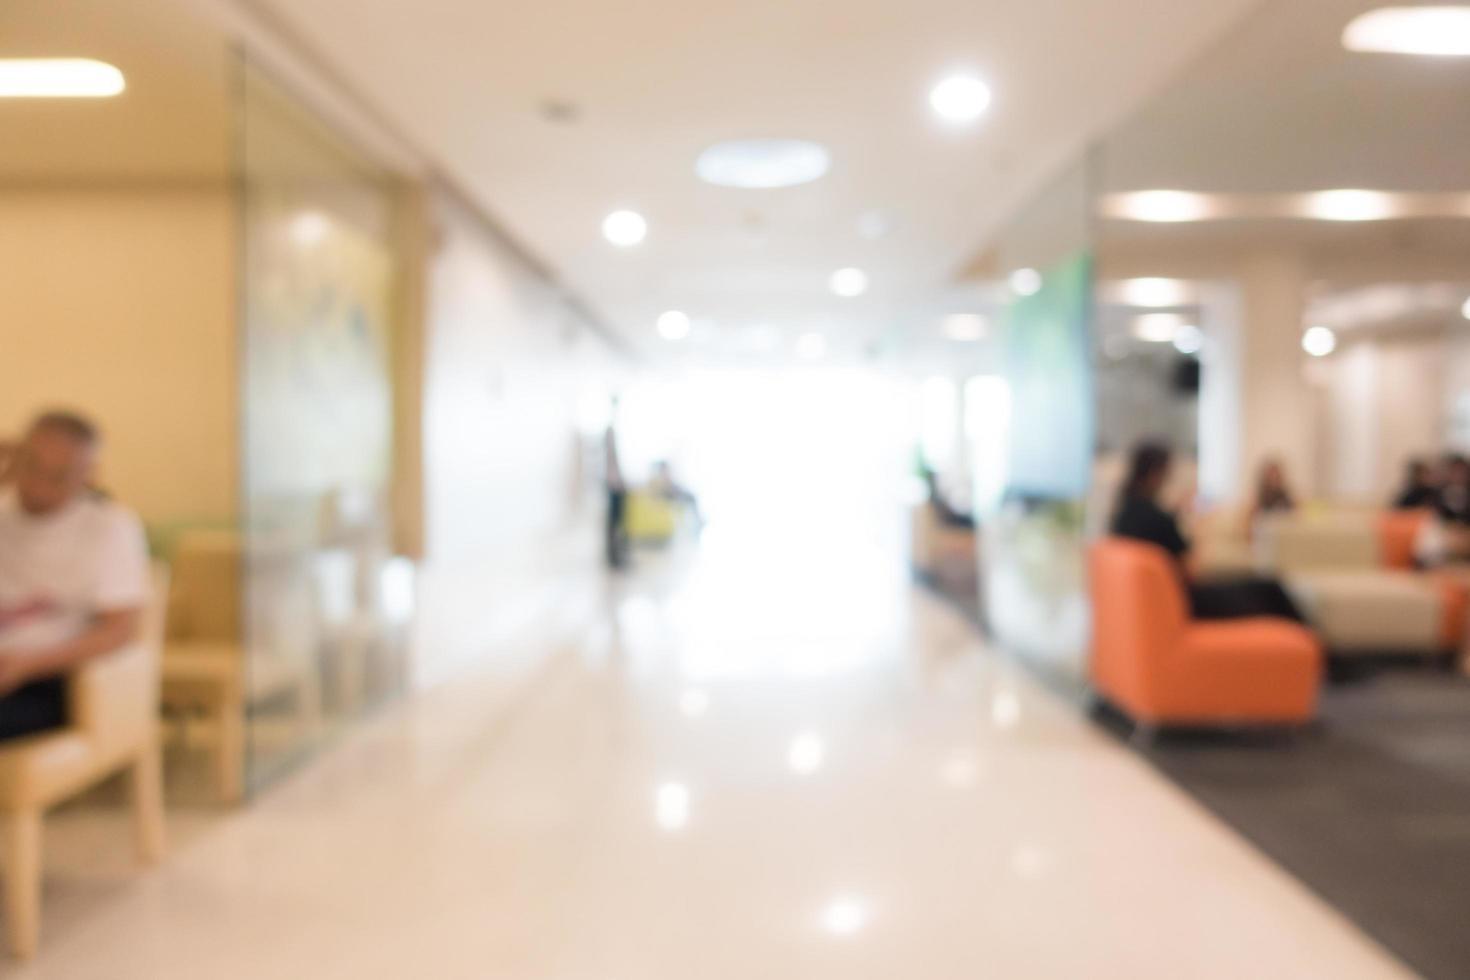 sfocatura astratta interni dell'ospedale e della clinica foto